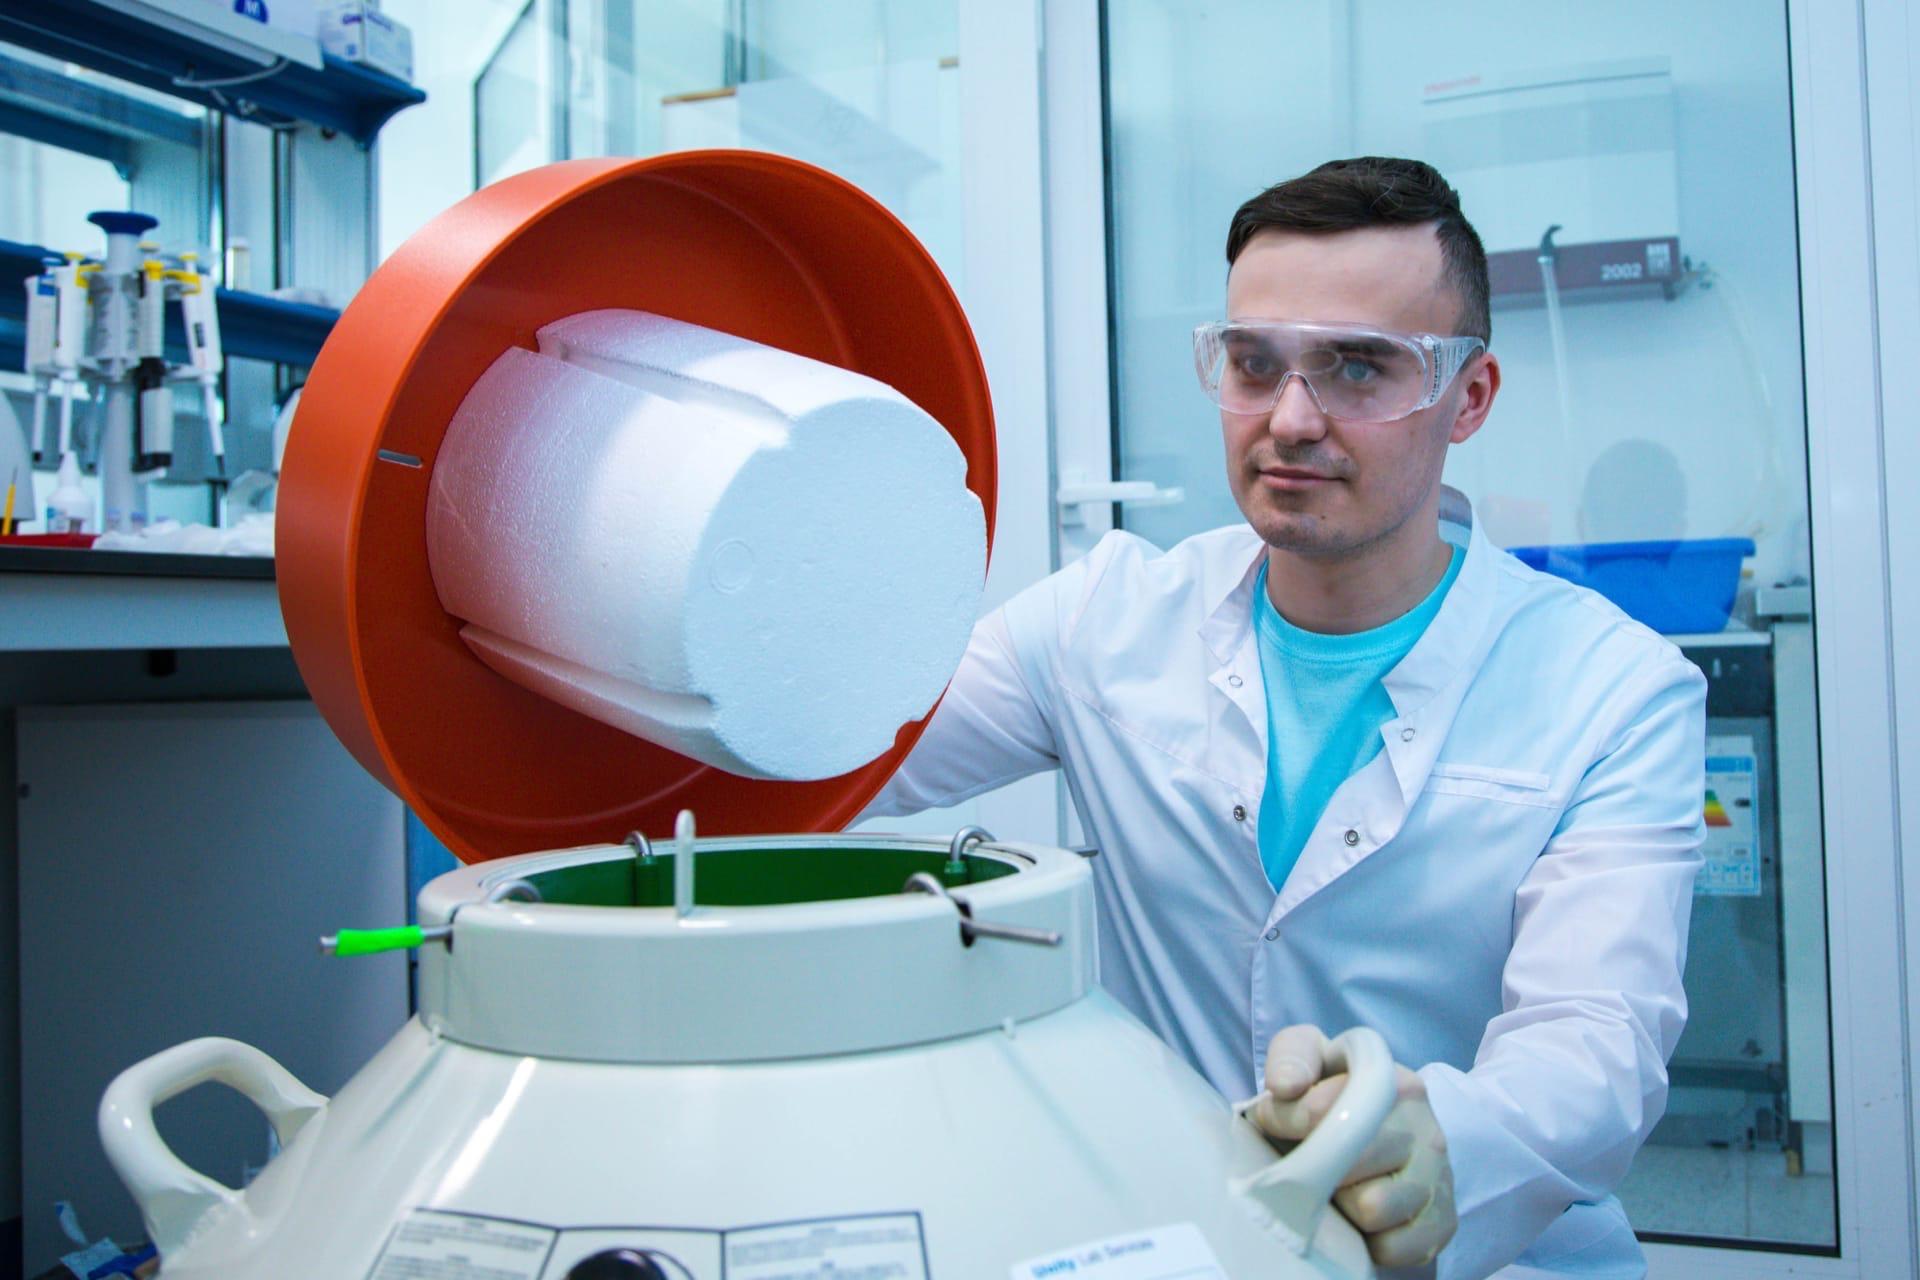 Междисциплинарная исследовательская группа БФУ им. И. Канта открыла новые особенности влияния формы наночастиц на клетки в злокачественных образованиях